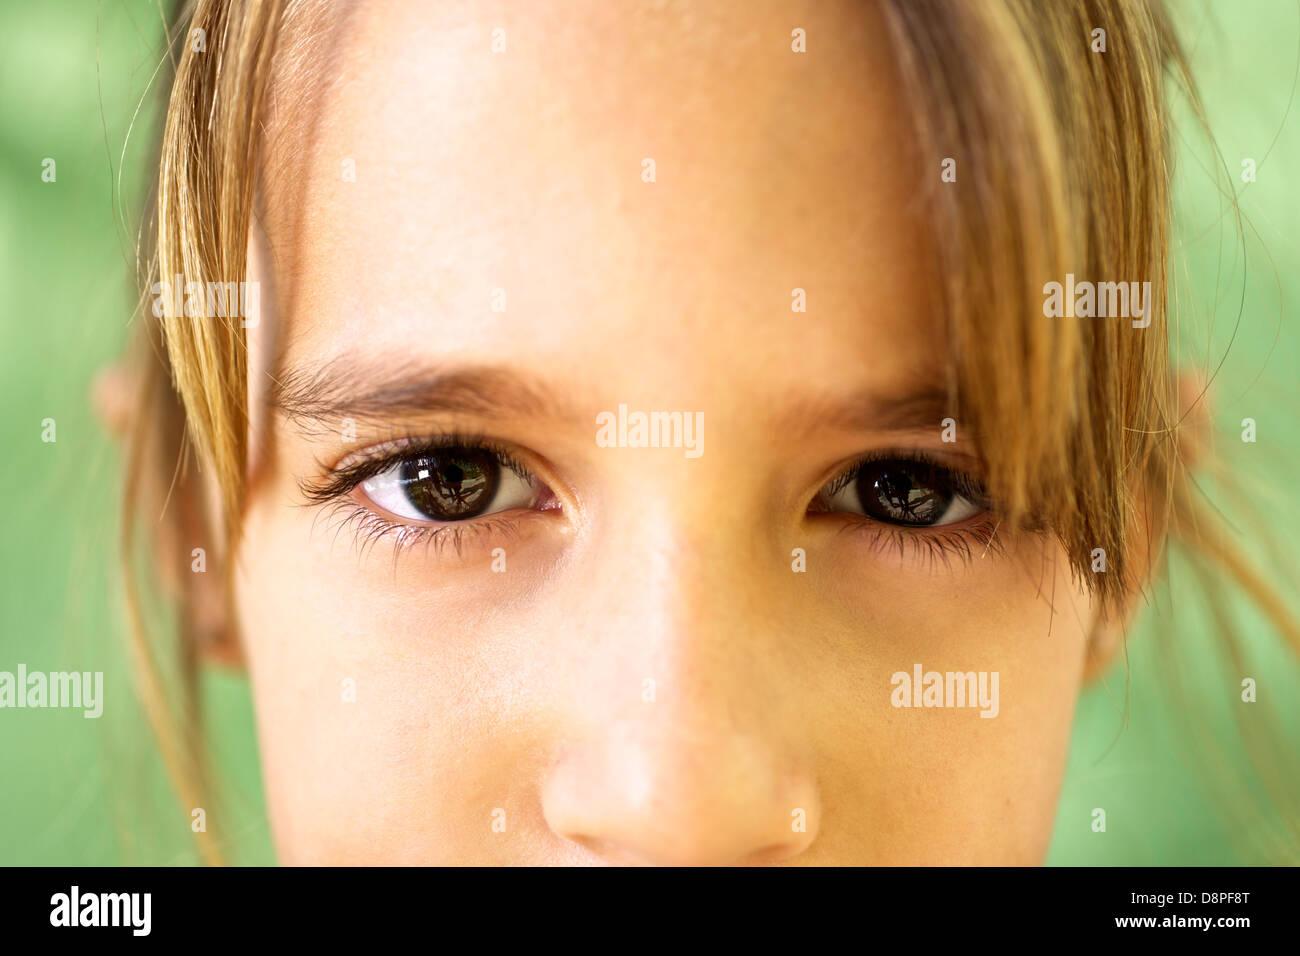 Los jóvenes y las emociones, retrato de niña seria mirando a la cámara. Primer plano de los ojos Foto de stock